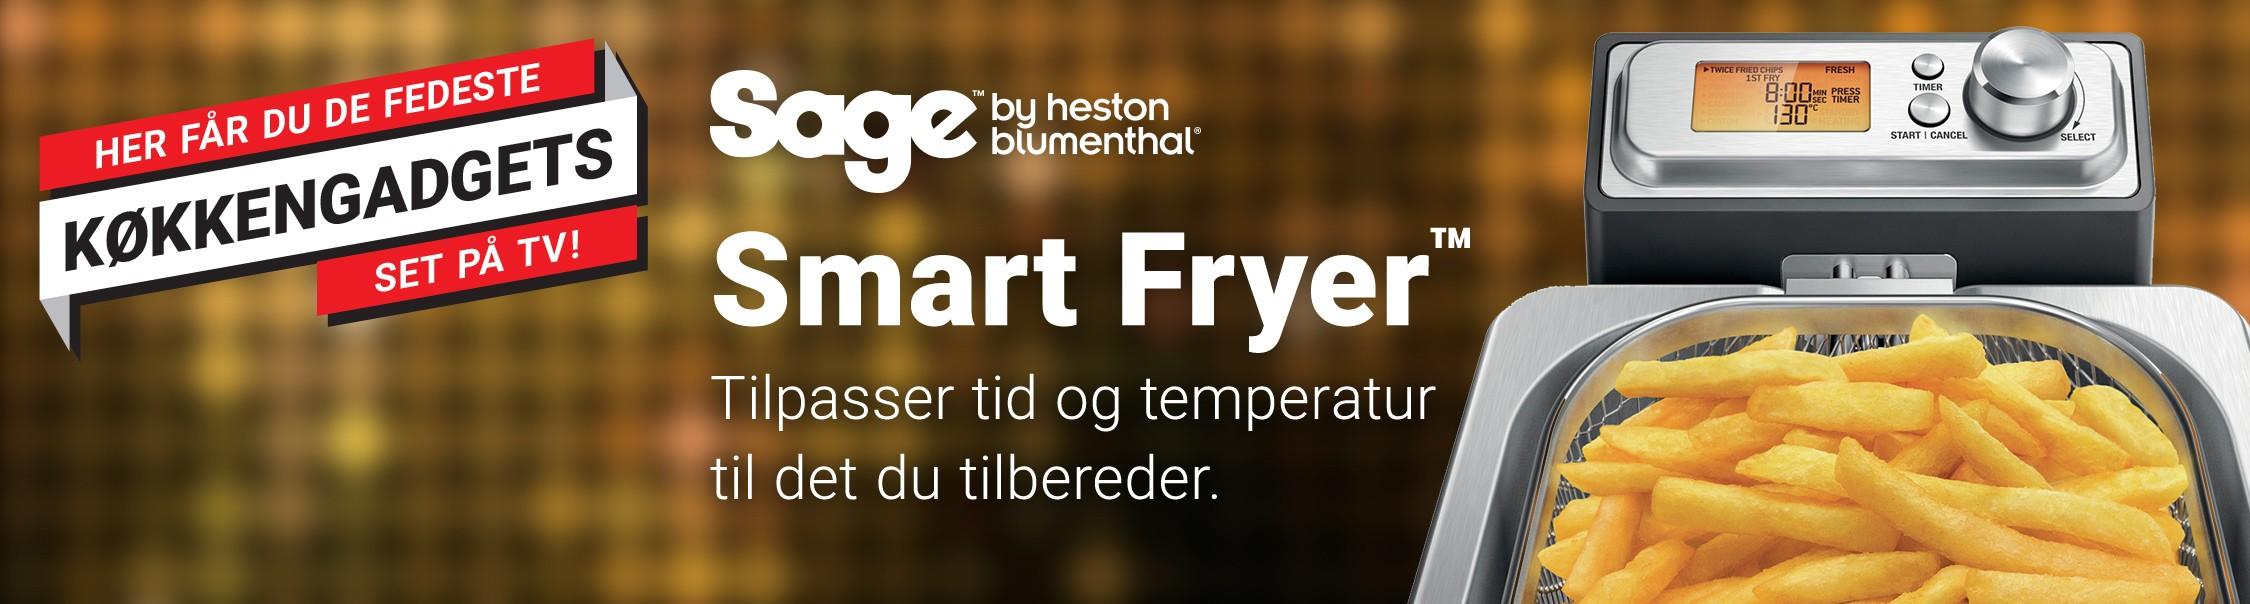 The Smart Fryer - Perfekte dobbeltstegte pommes frites!